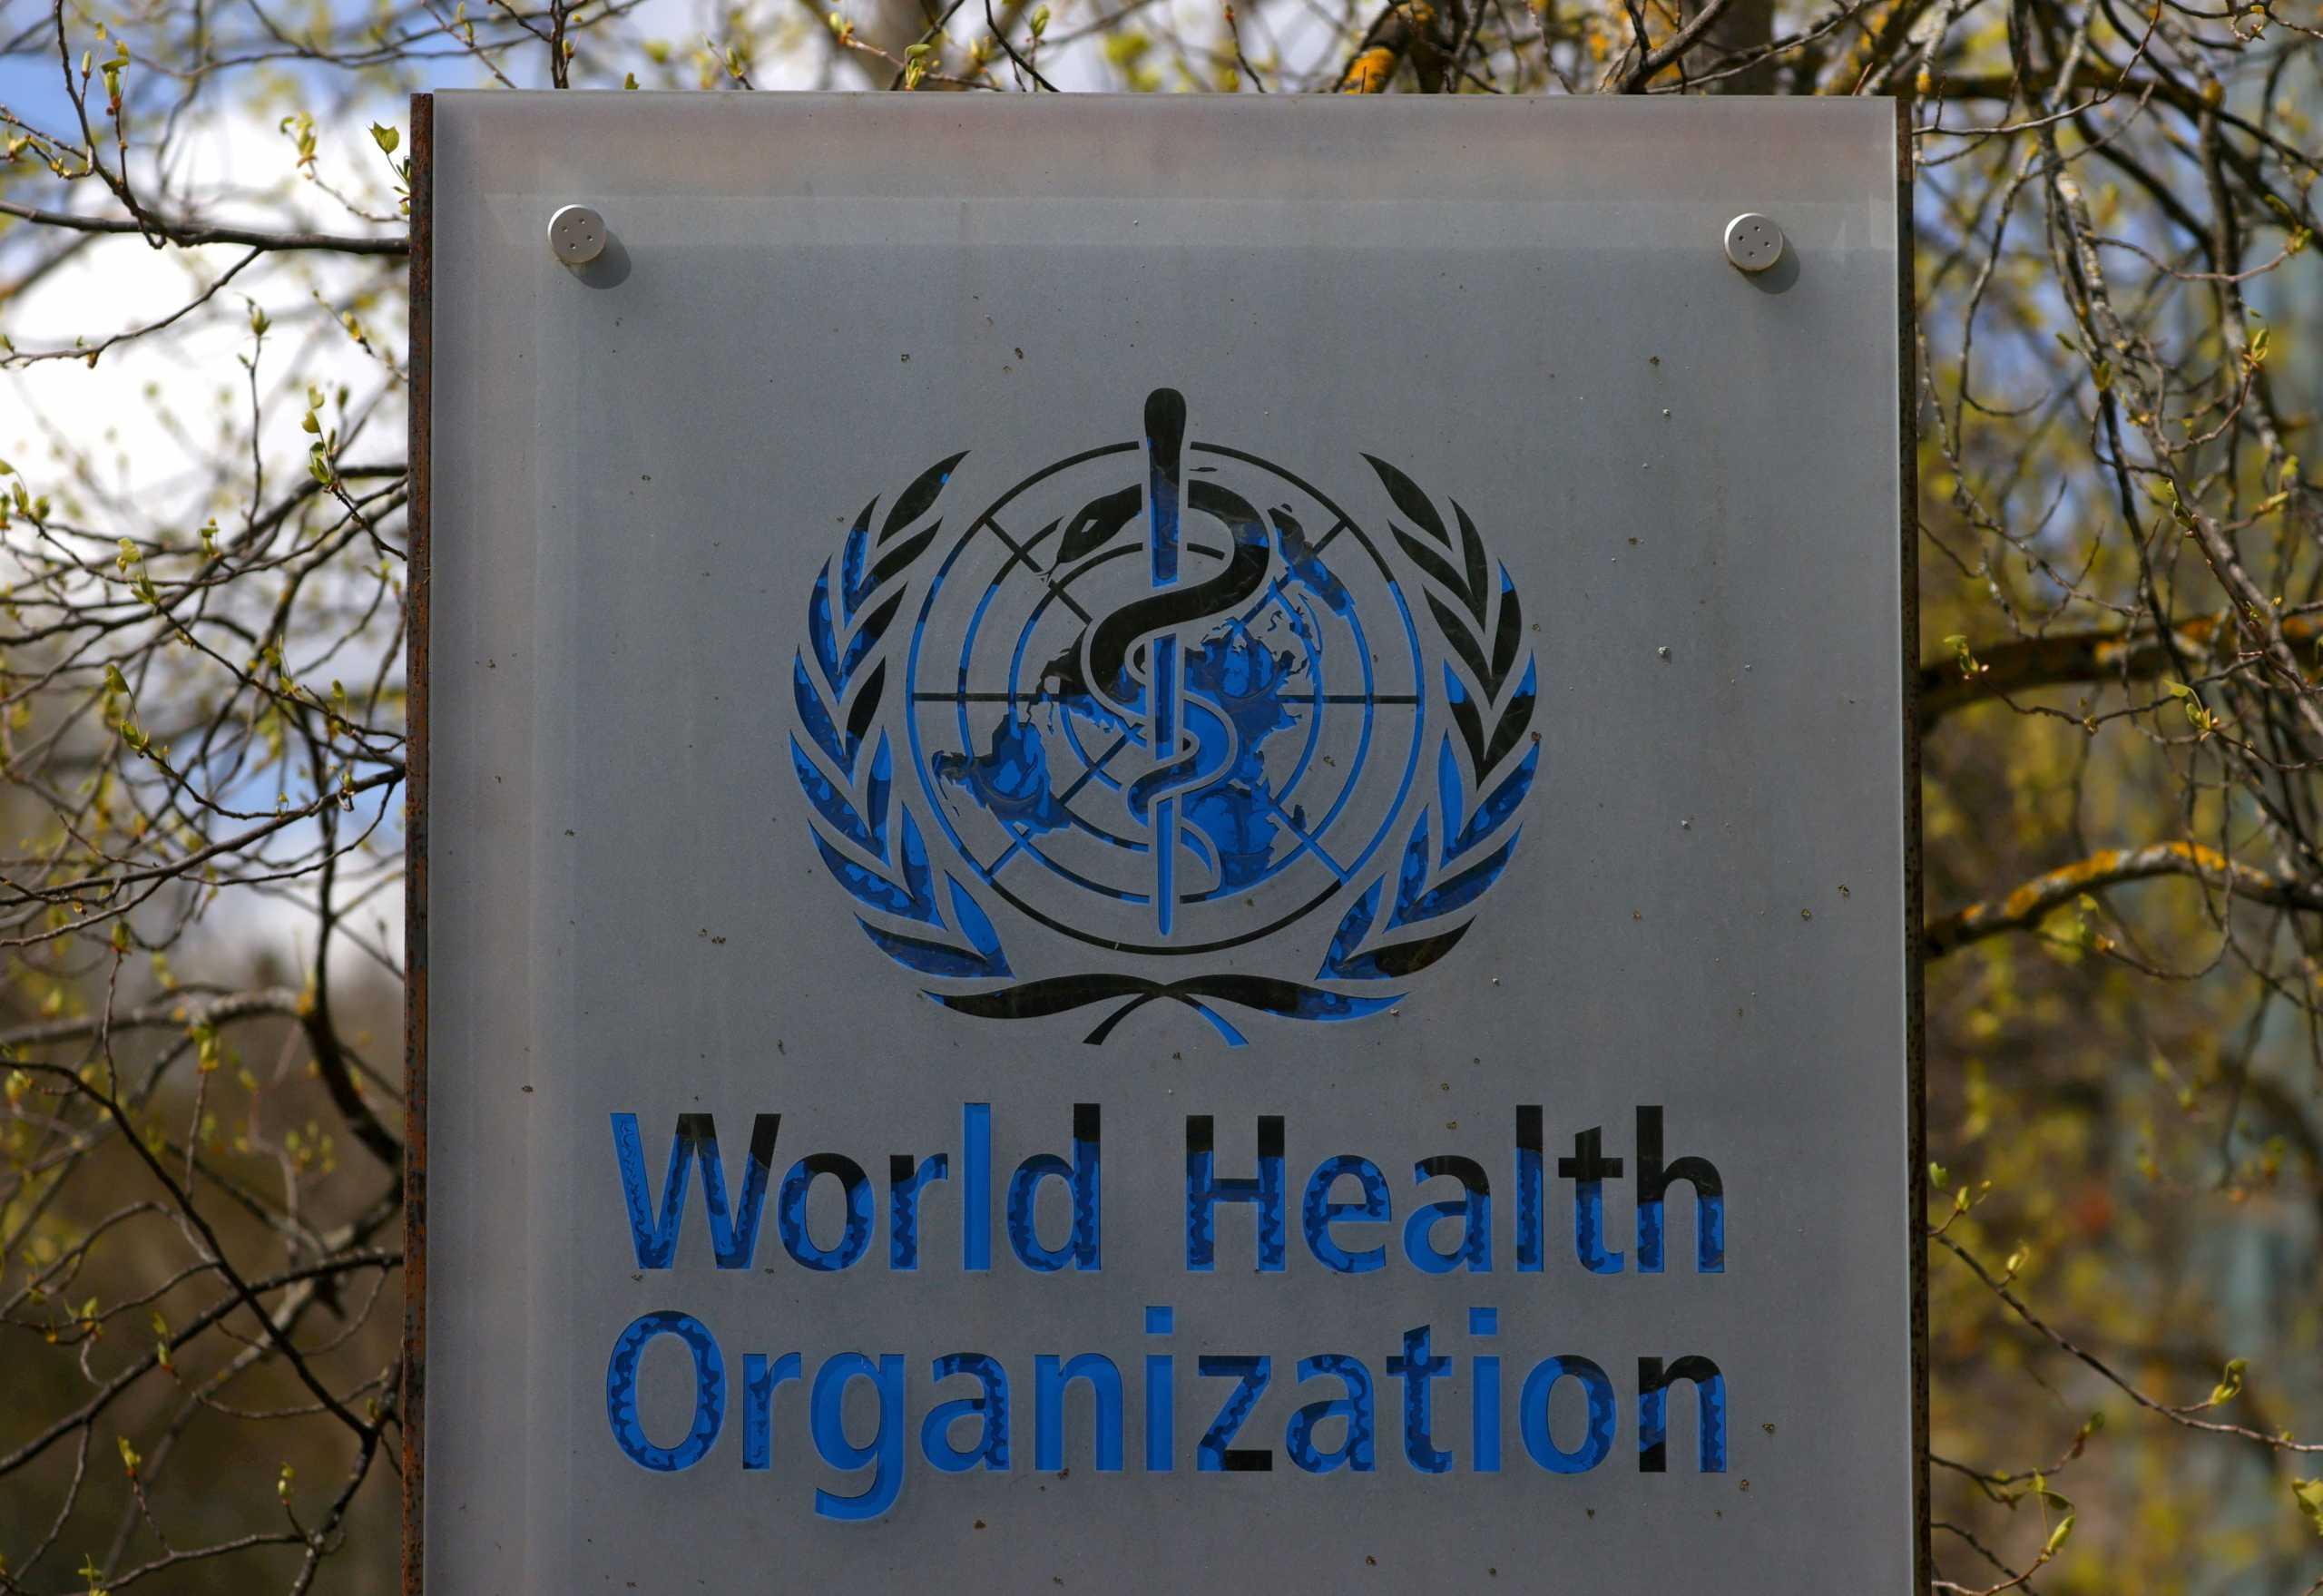 ΠΟΥ: Συναγερμός για την αύξηση κρουσμάτων φυματίωσης για πρώτη φορά μετά από δεκαετία